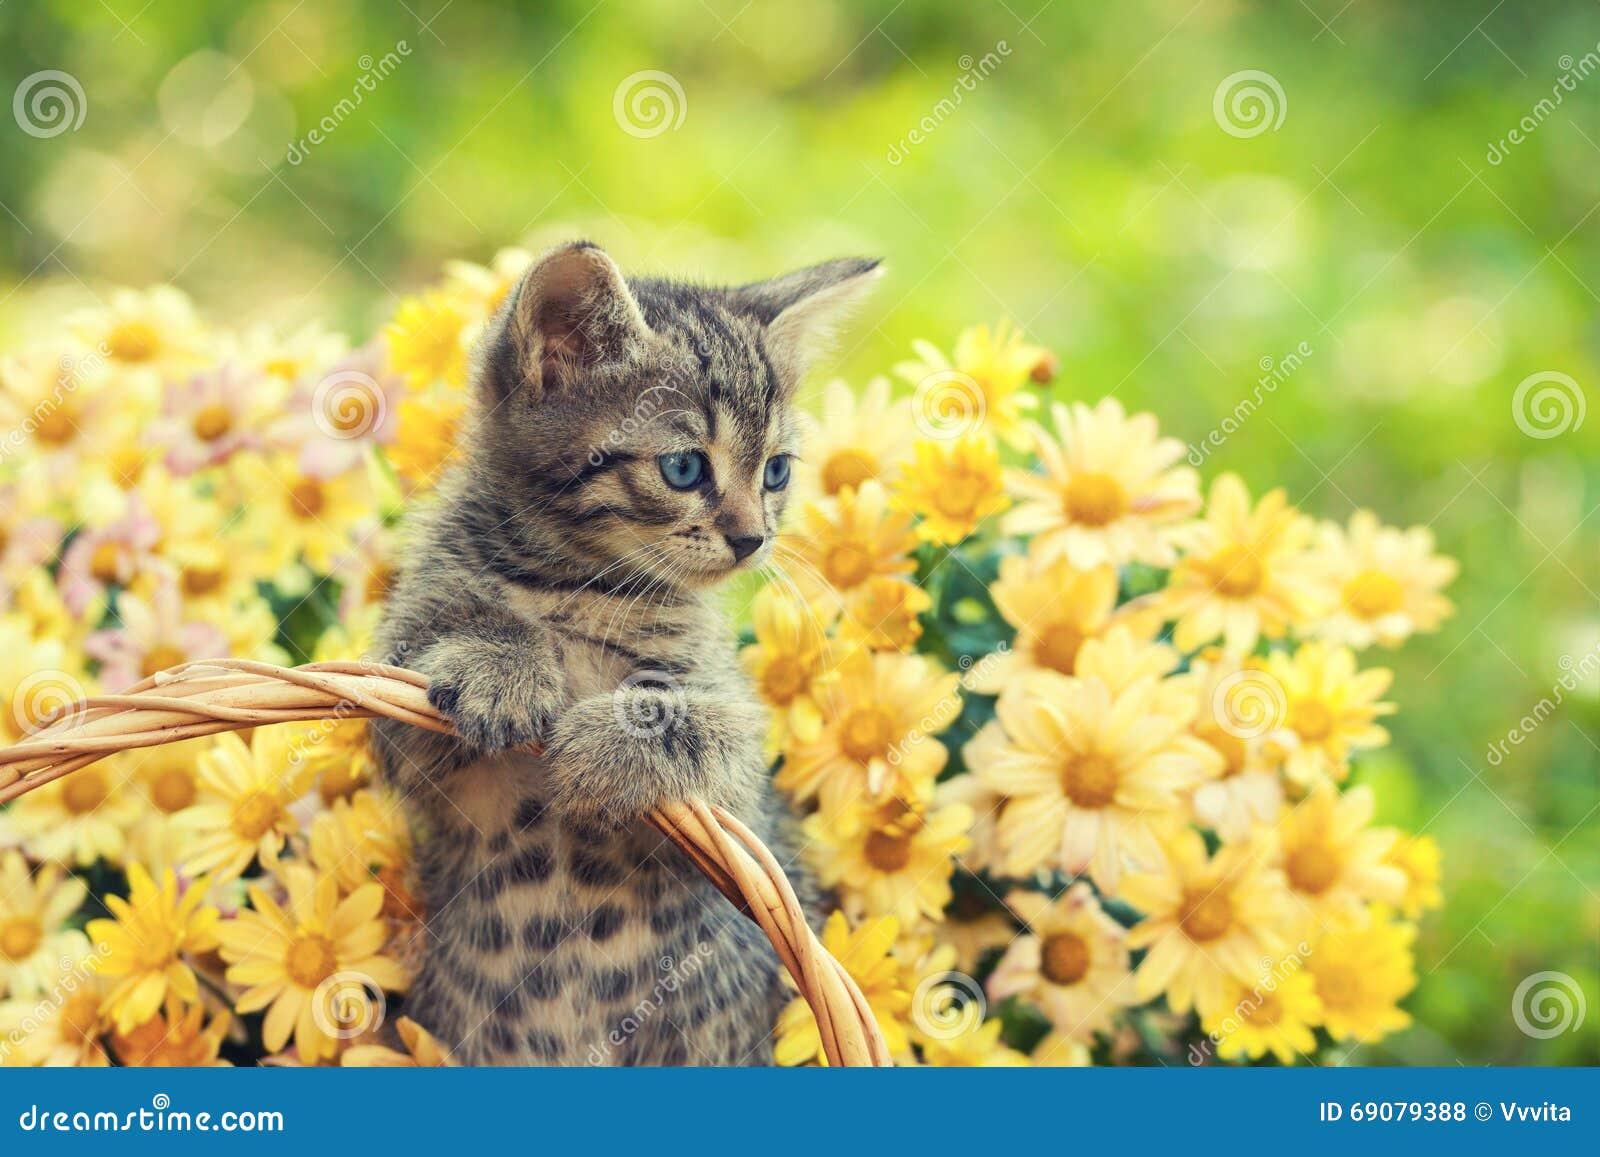 Kattunge i trädgården med blommor